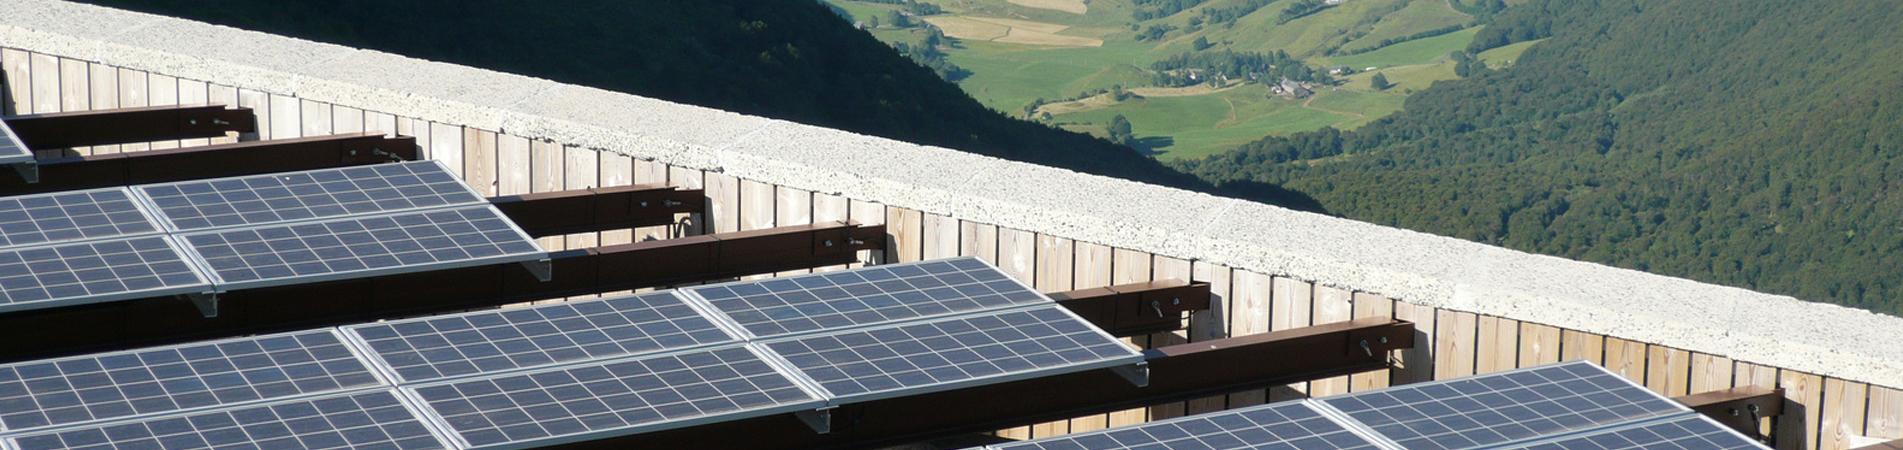 Solutions Photovoltaïque